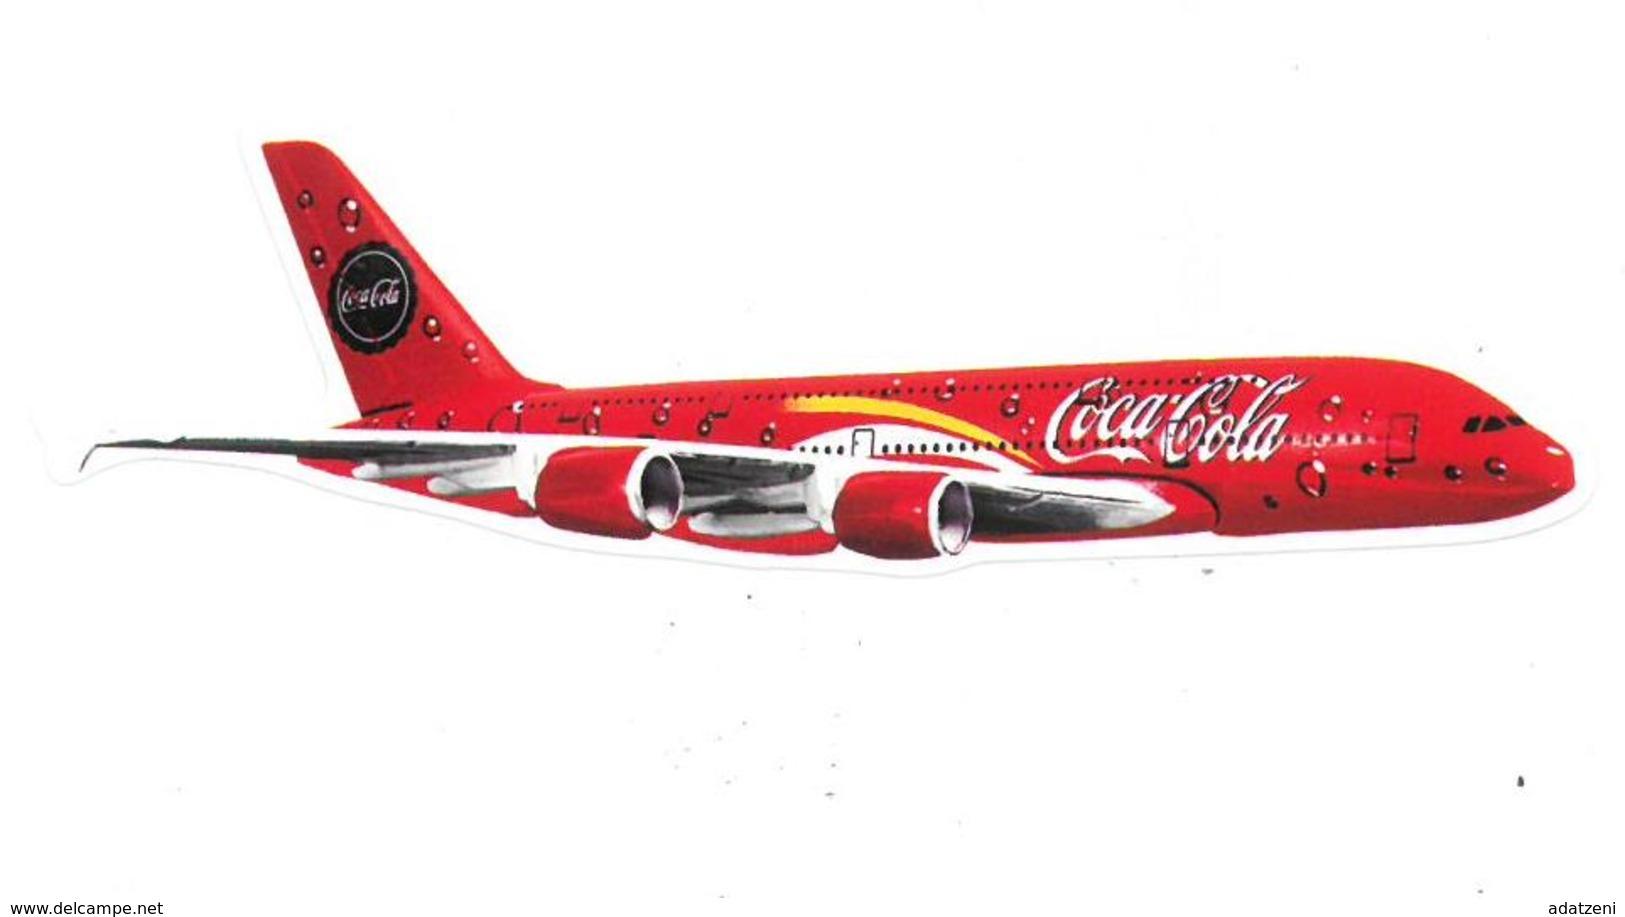 Adesivo Decalcomania Sticker Coca Cola Aereo  Dimensioni Cm 11x2 Circa - Adesivi